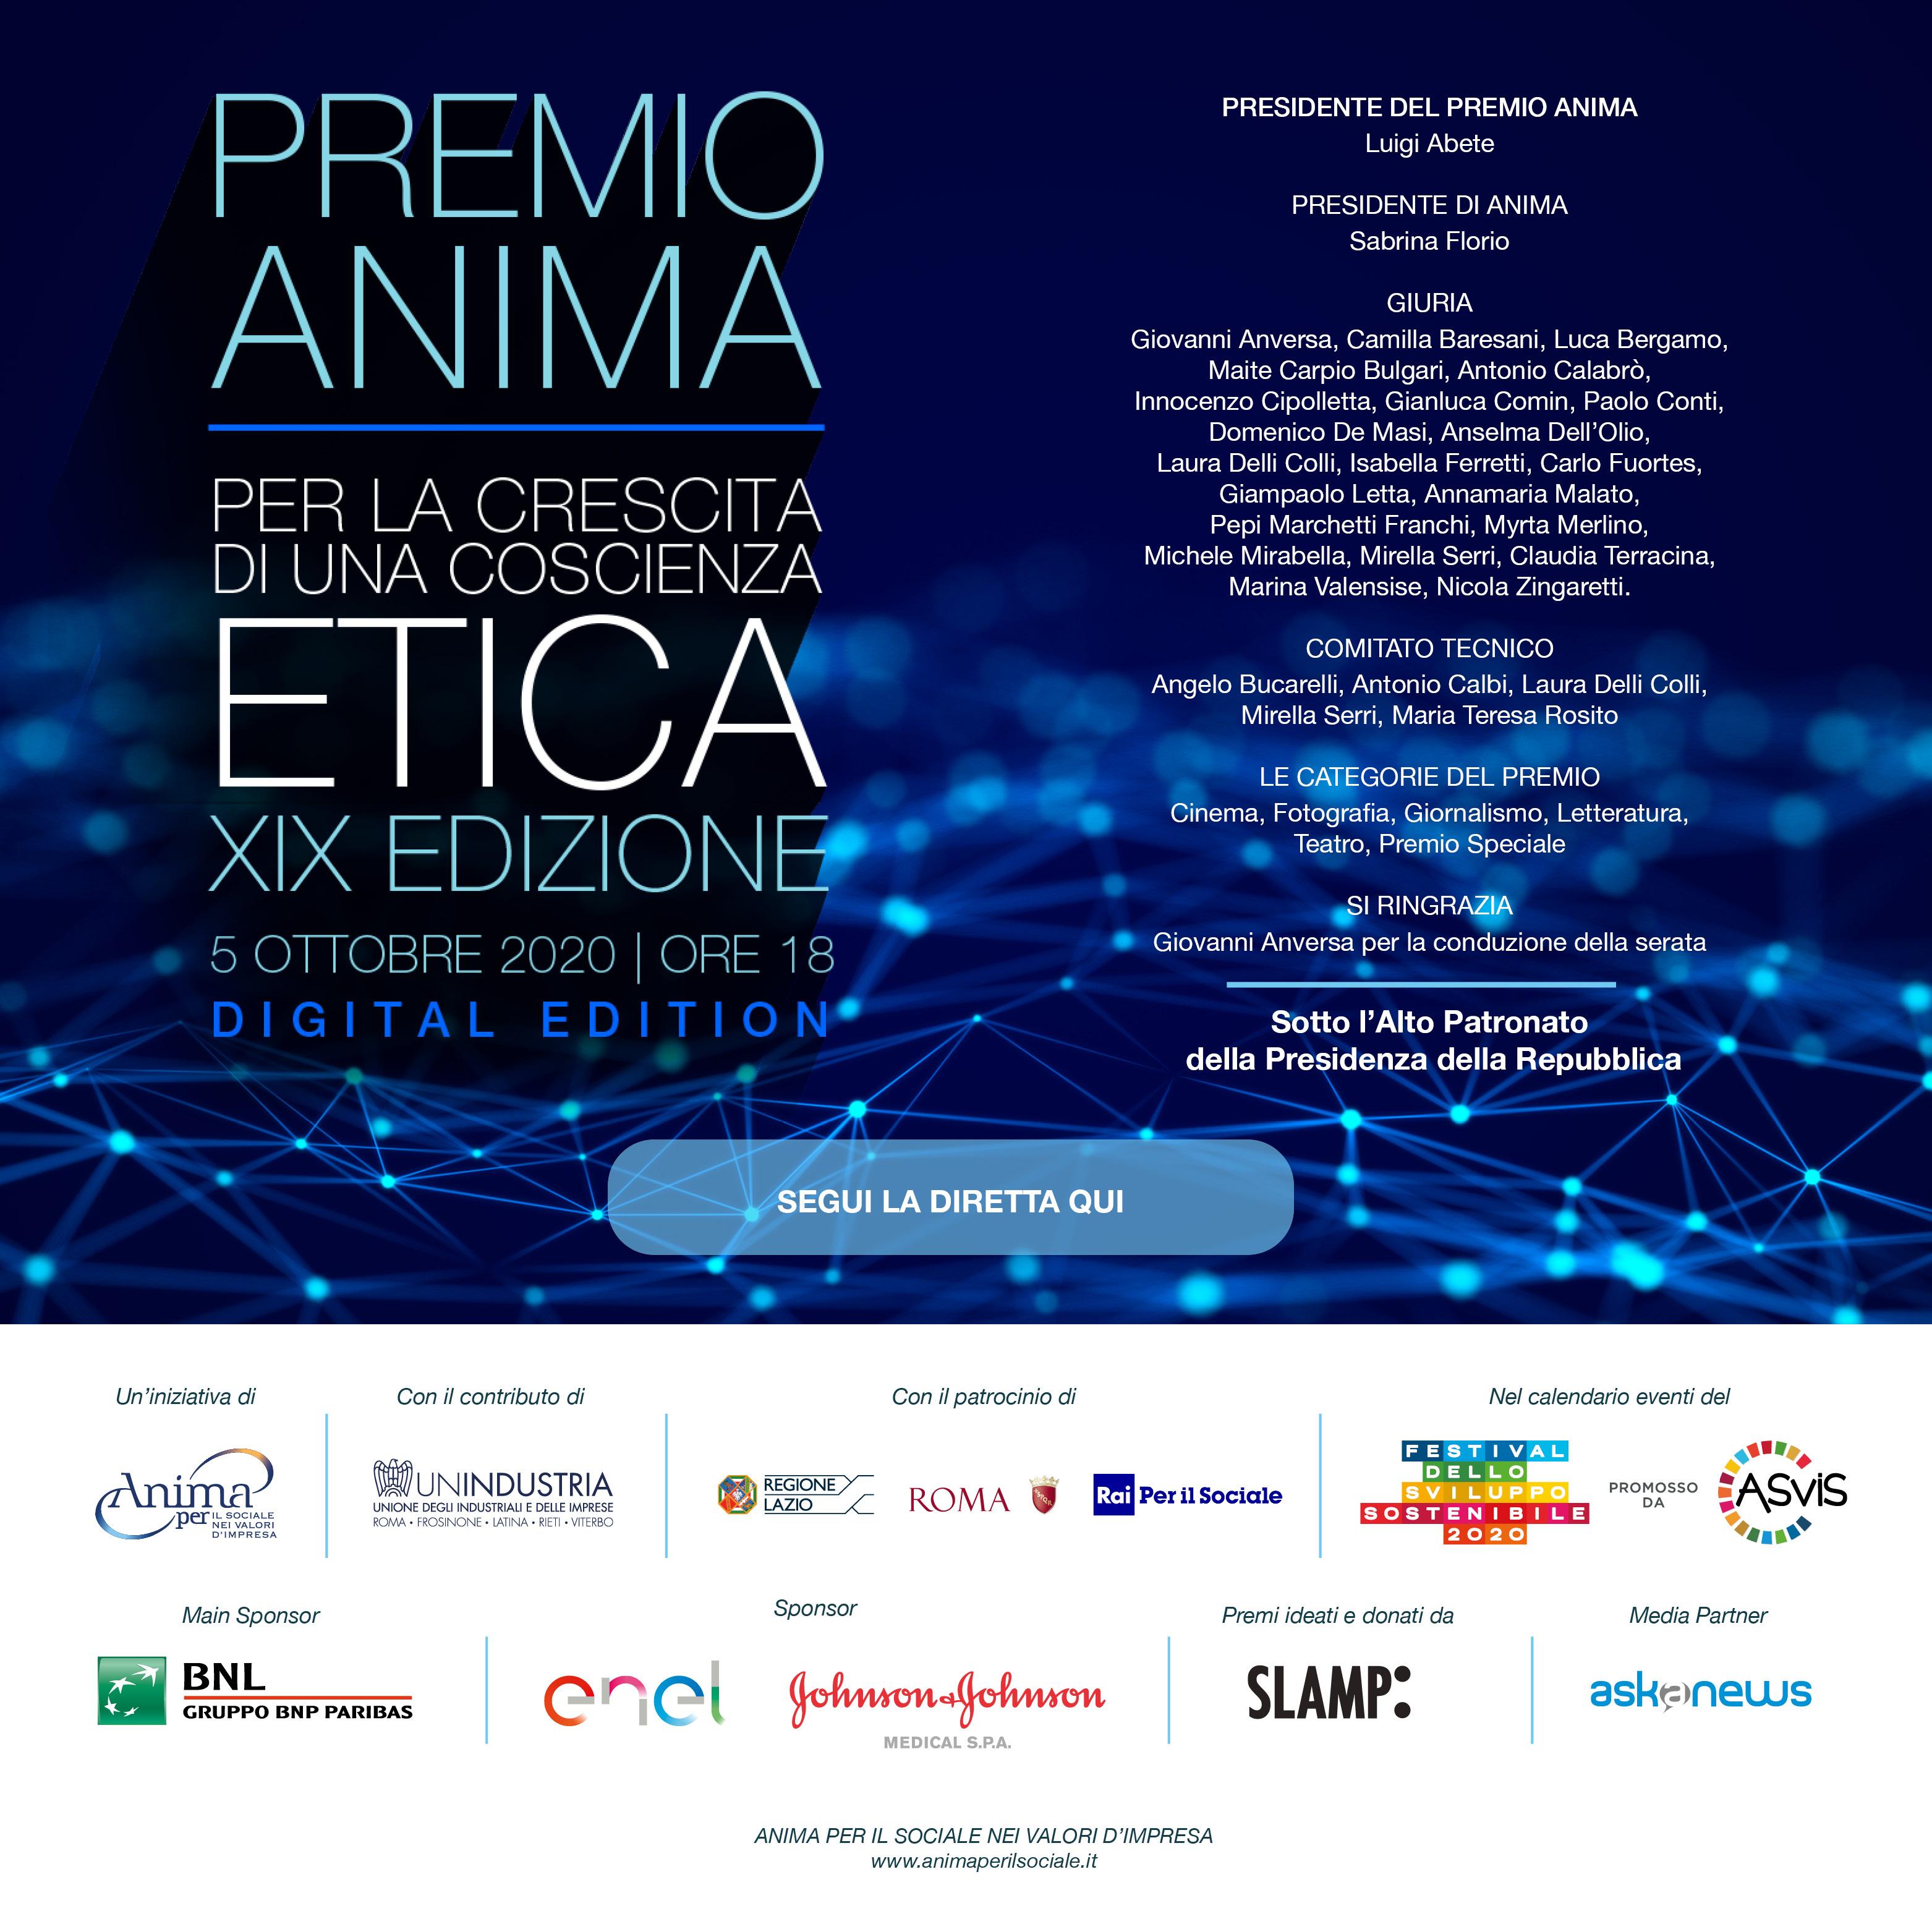 Premio Anima 2020 - i vincitori della XIX edizione - la fotogallery - la rassegna - il video integrale della cerimonia